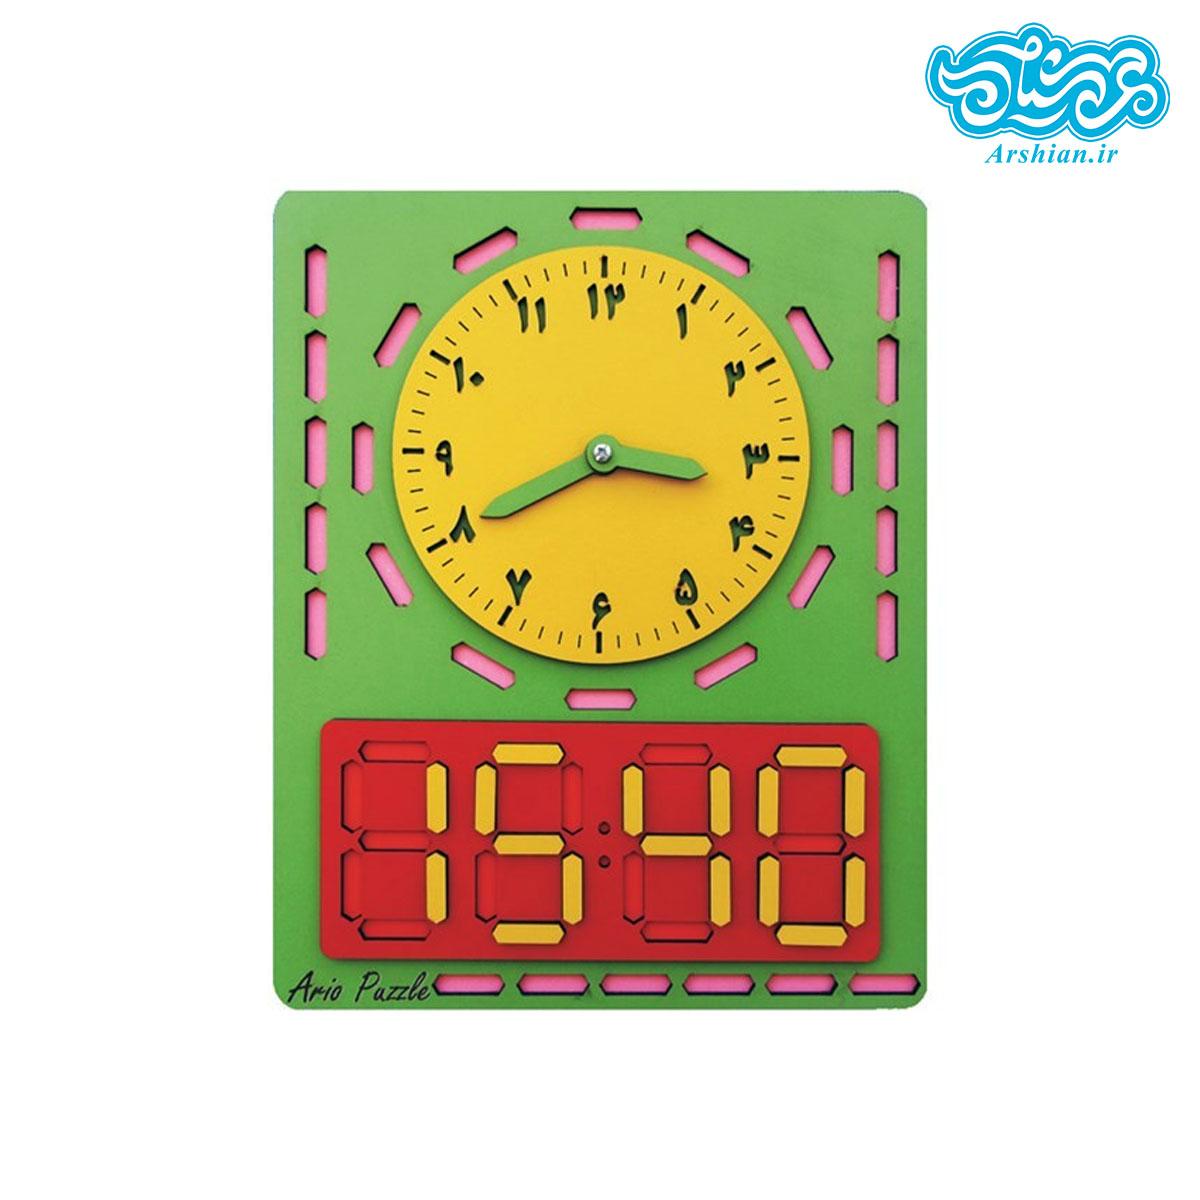 ساعت آموزشی (چوبی پازلی)